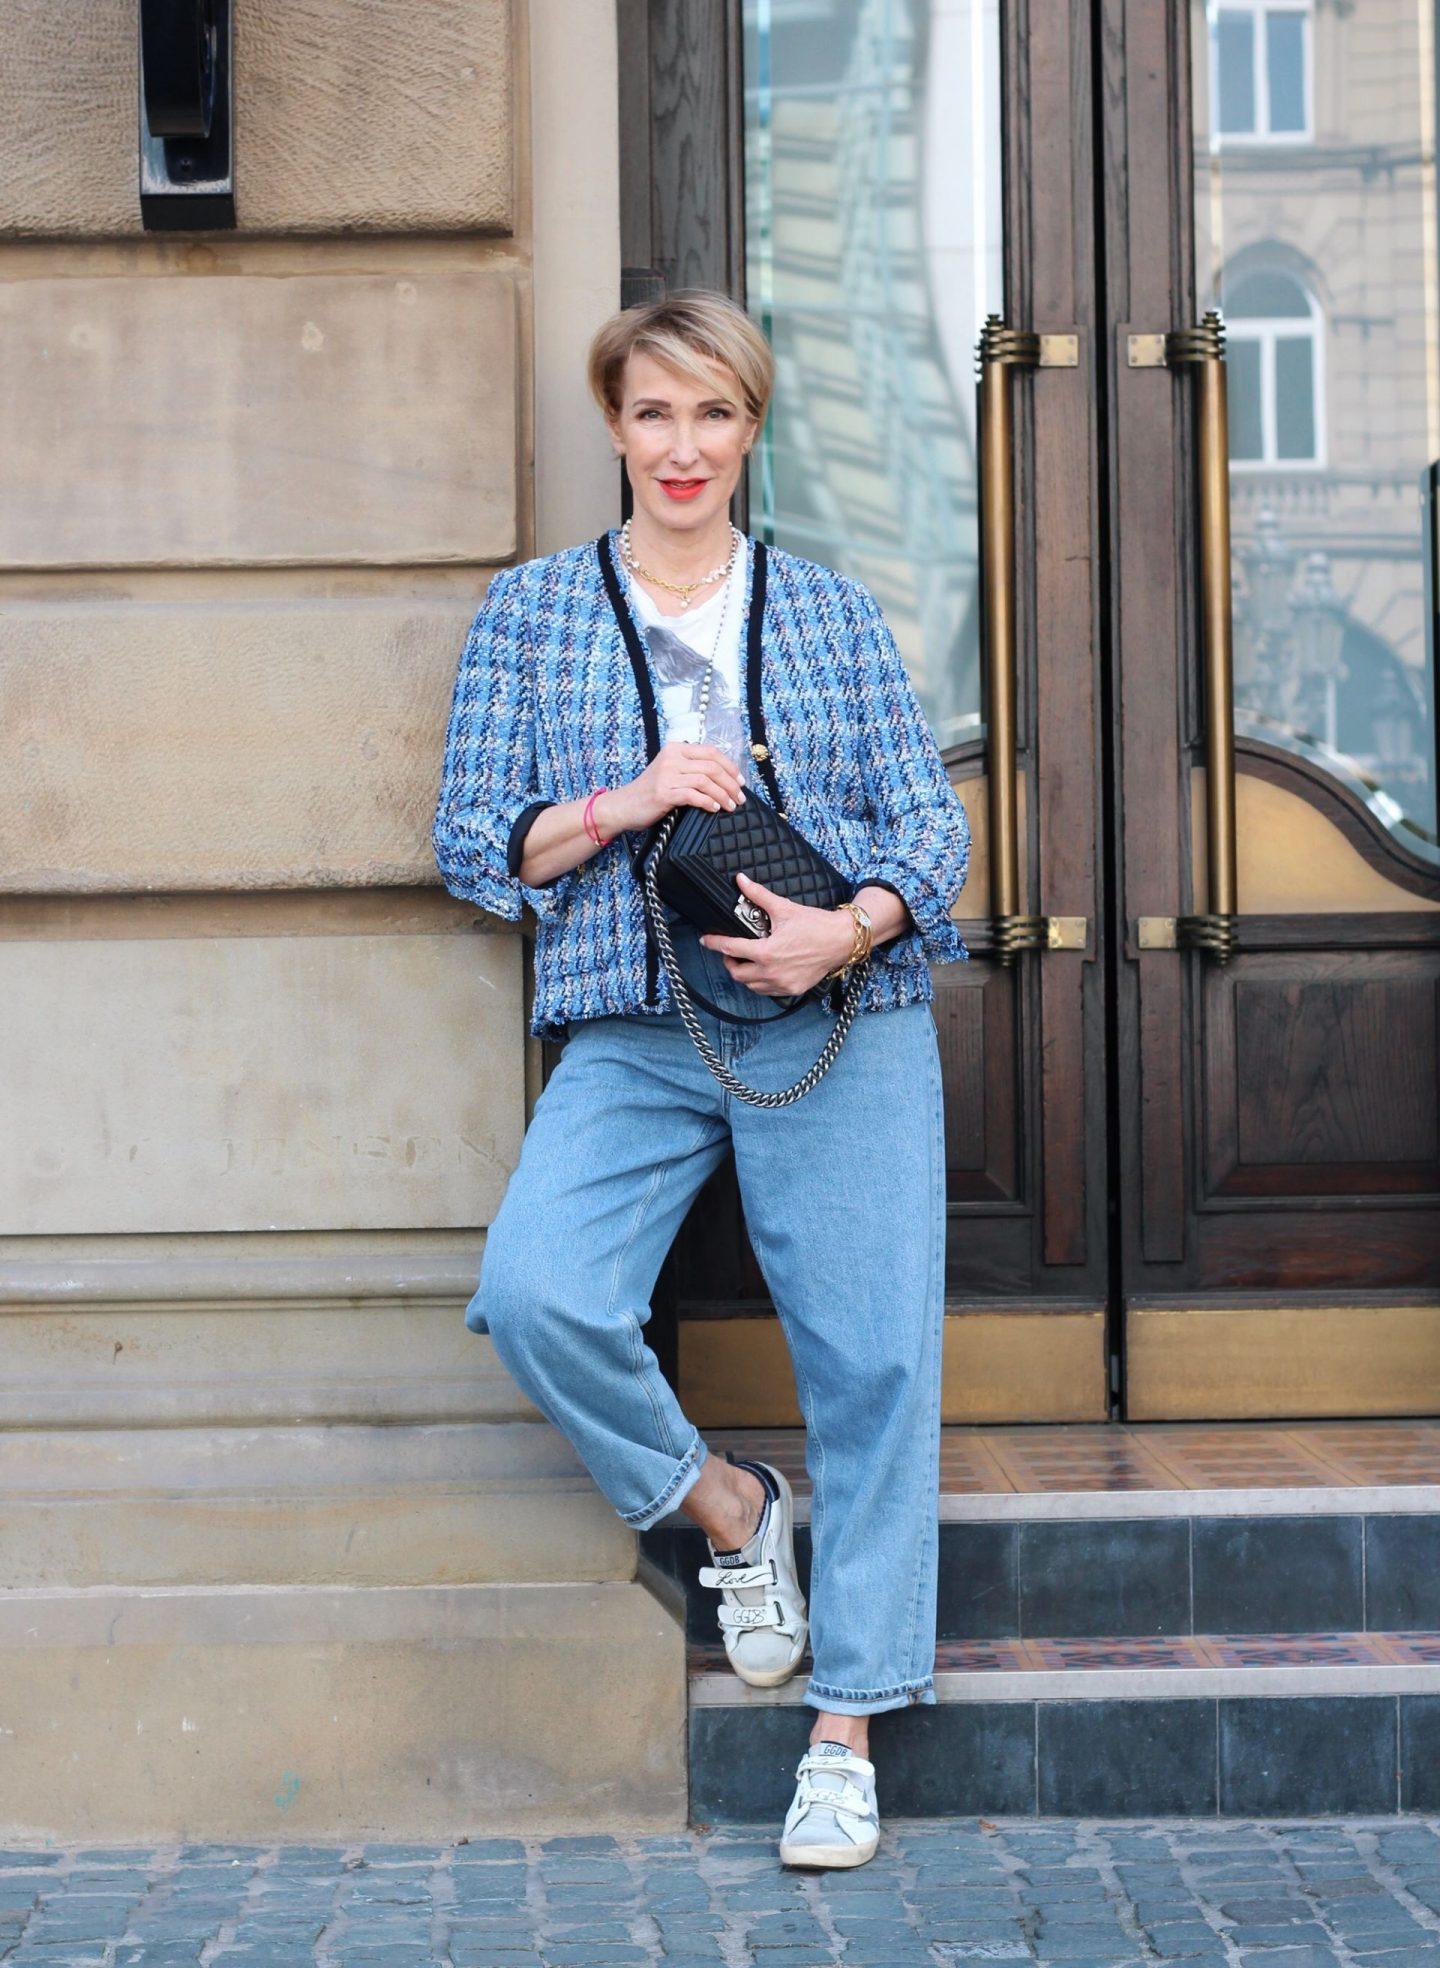 glamupyourlifestyle tweed-Jacke Chanel-Jacke style ue-40-blog ue-50-blog ü-40-mode